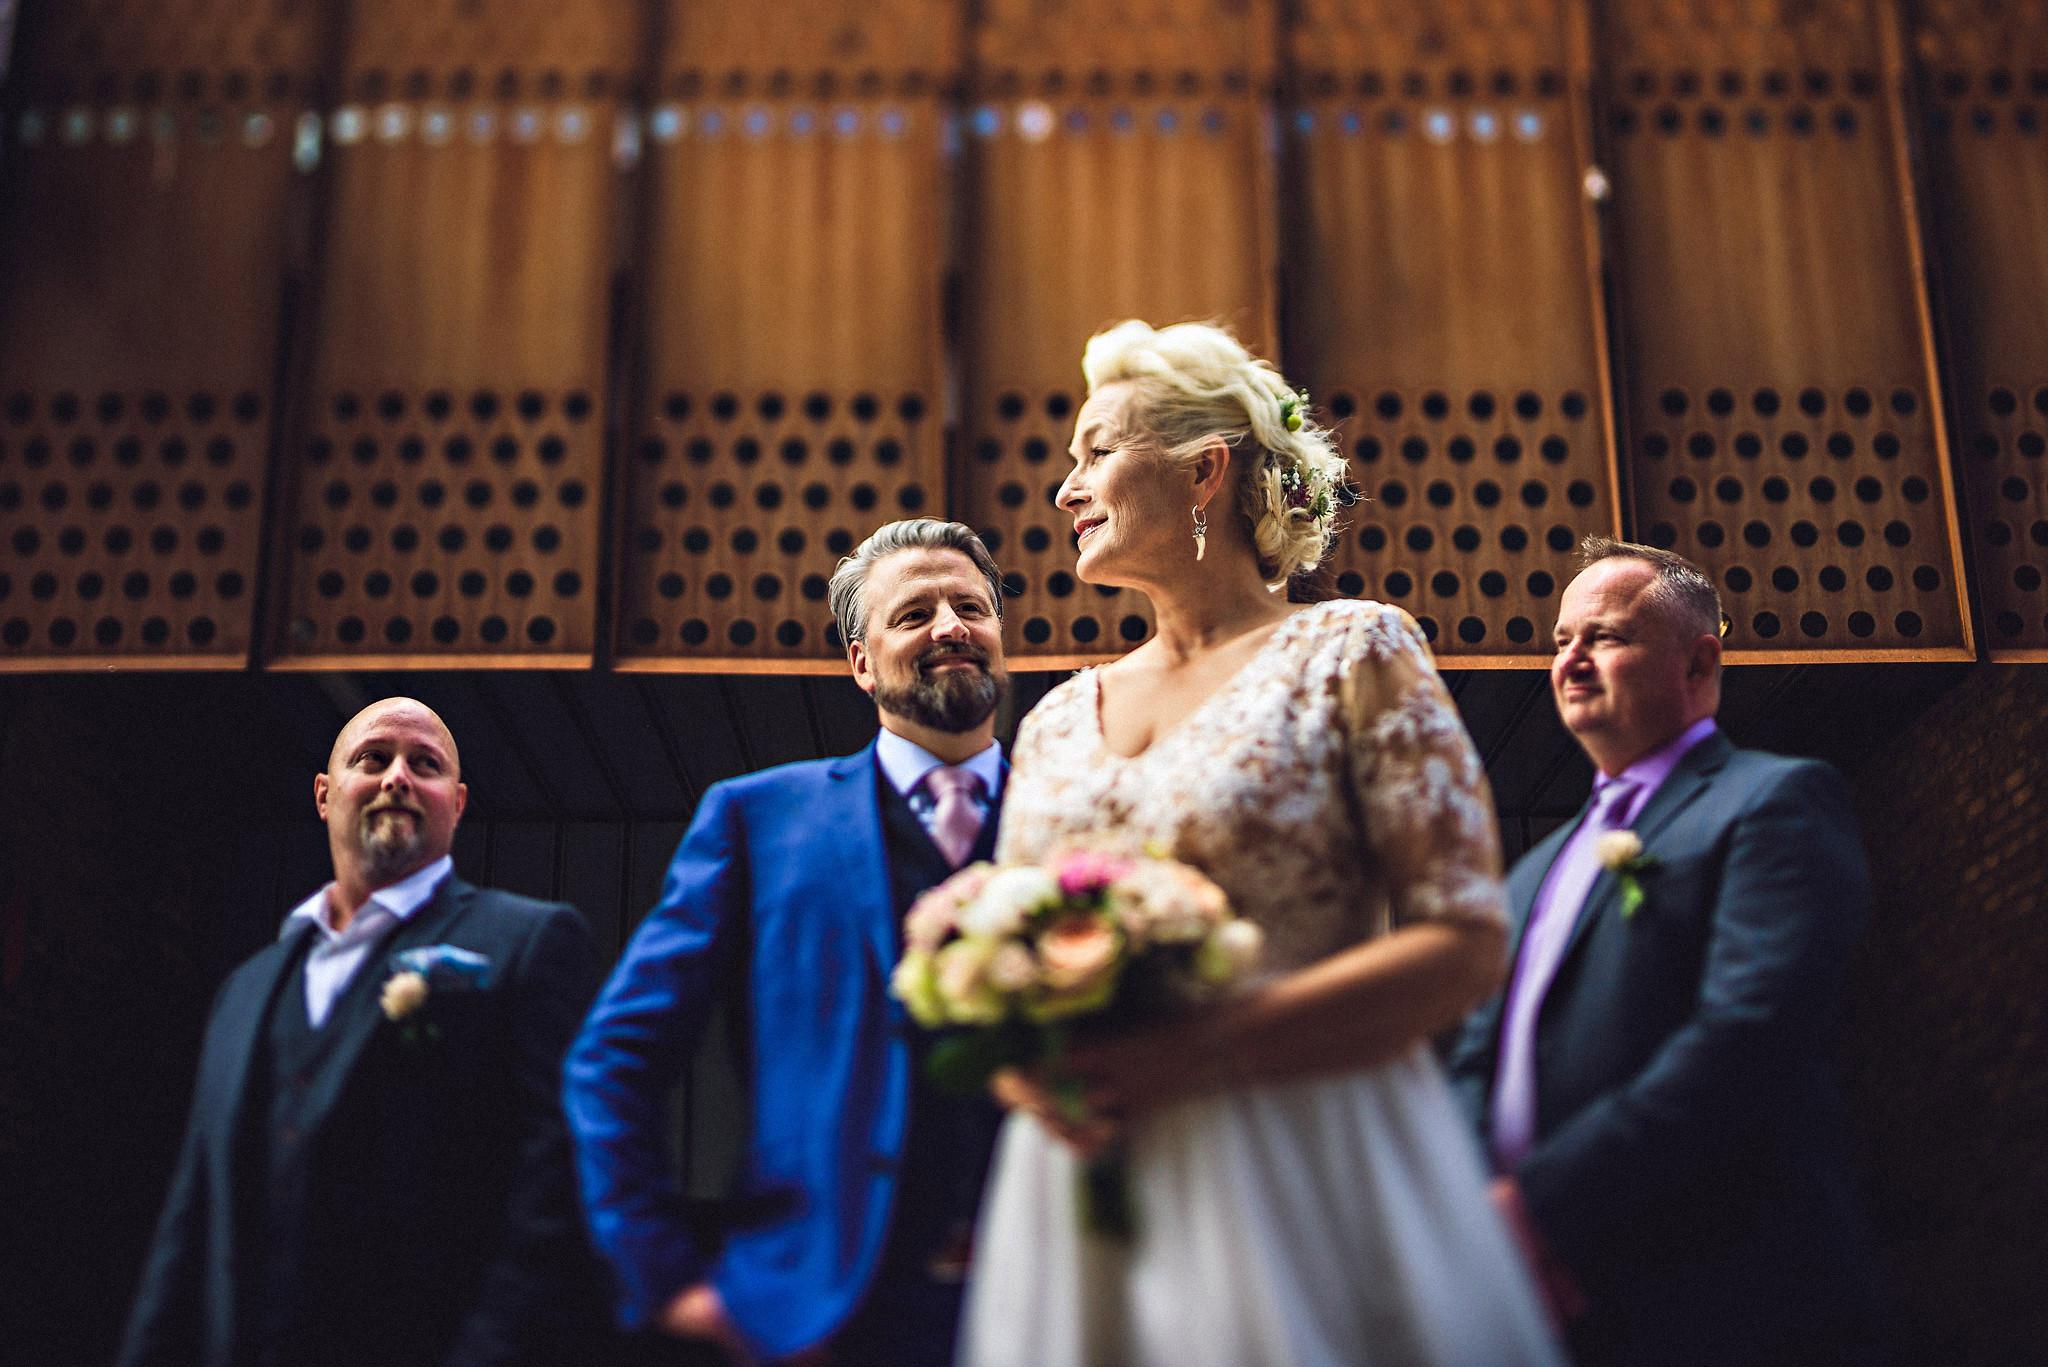 Eirik Halvorsen Tone og Sven bryllup blog-22.jpg